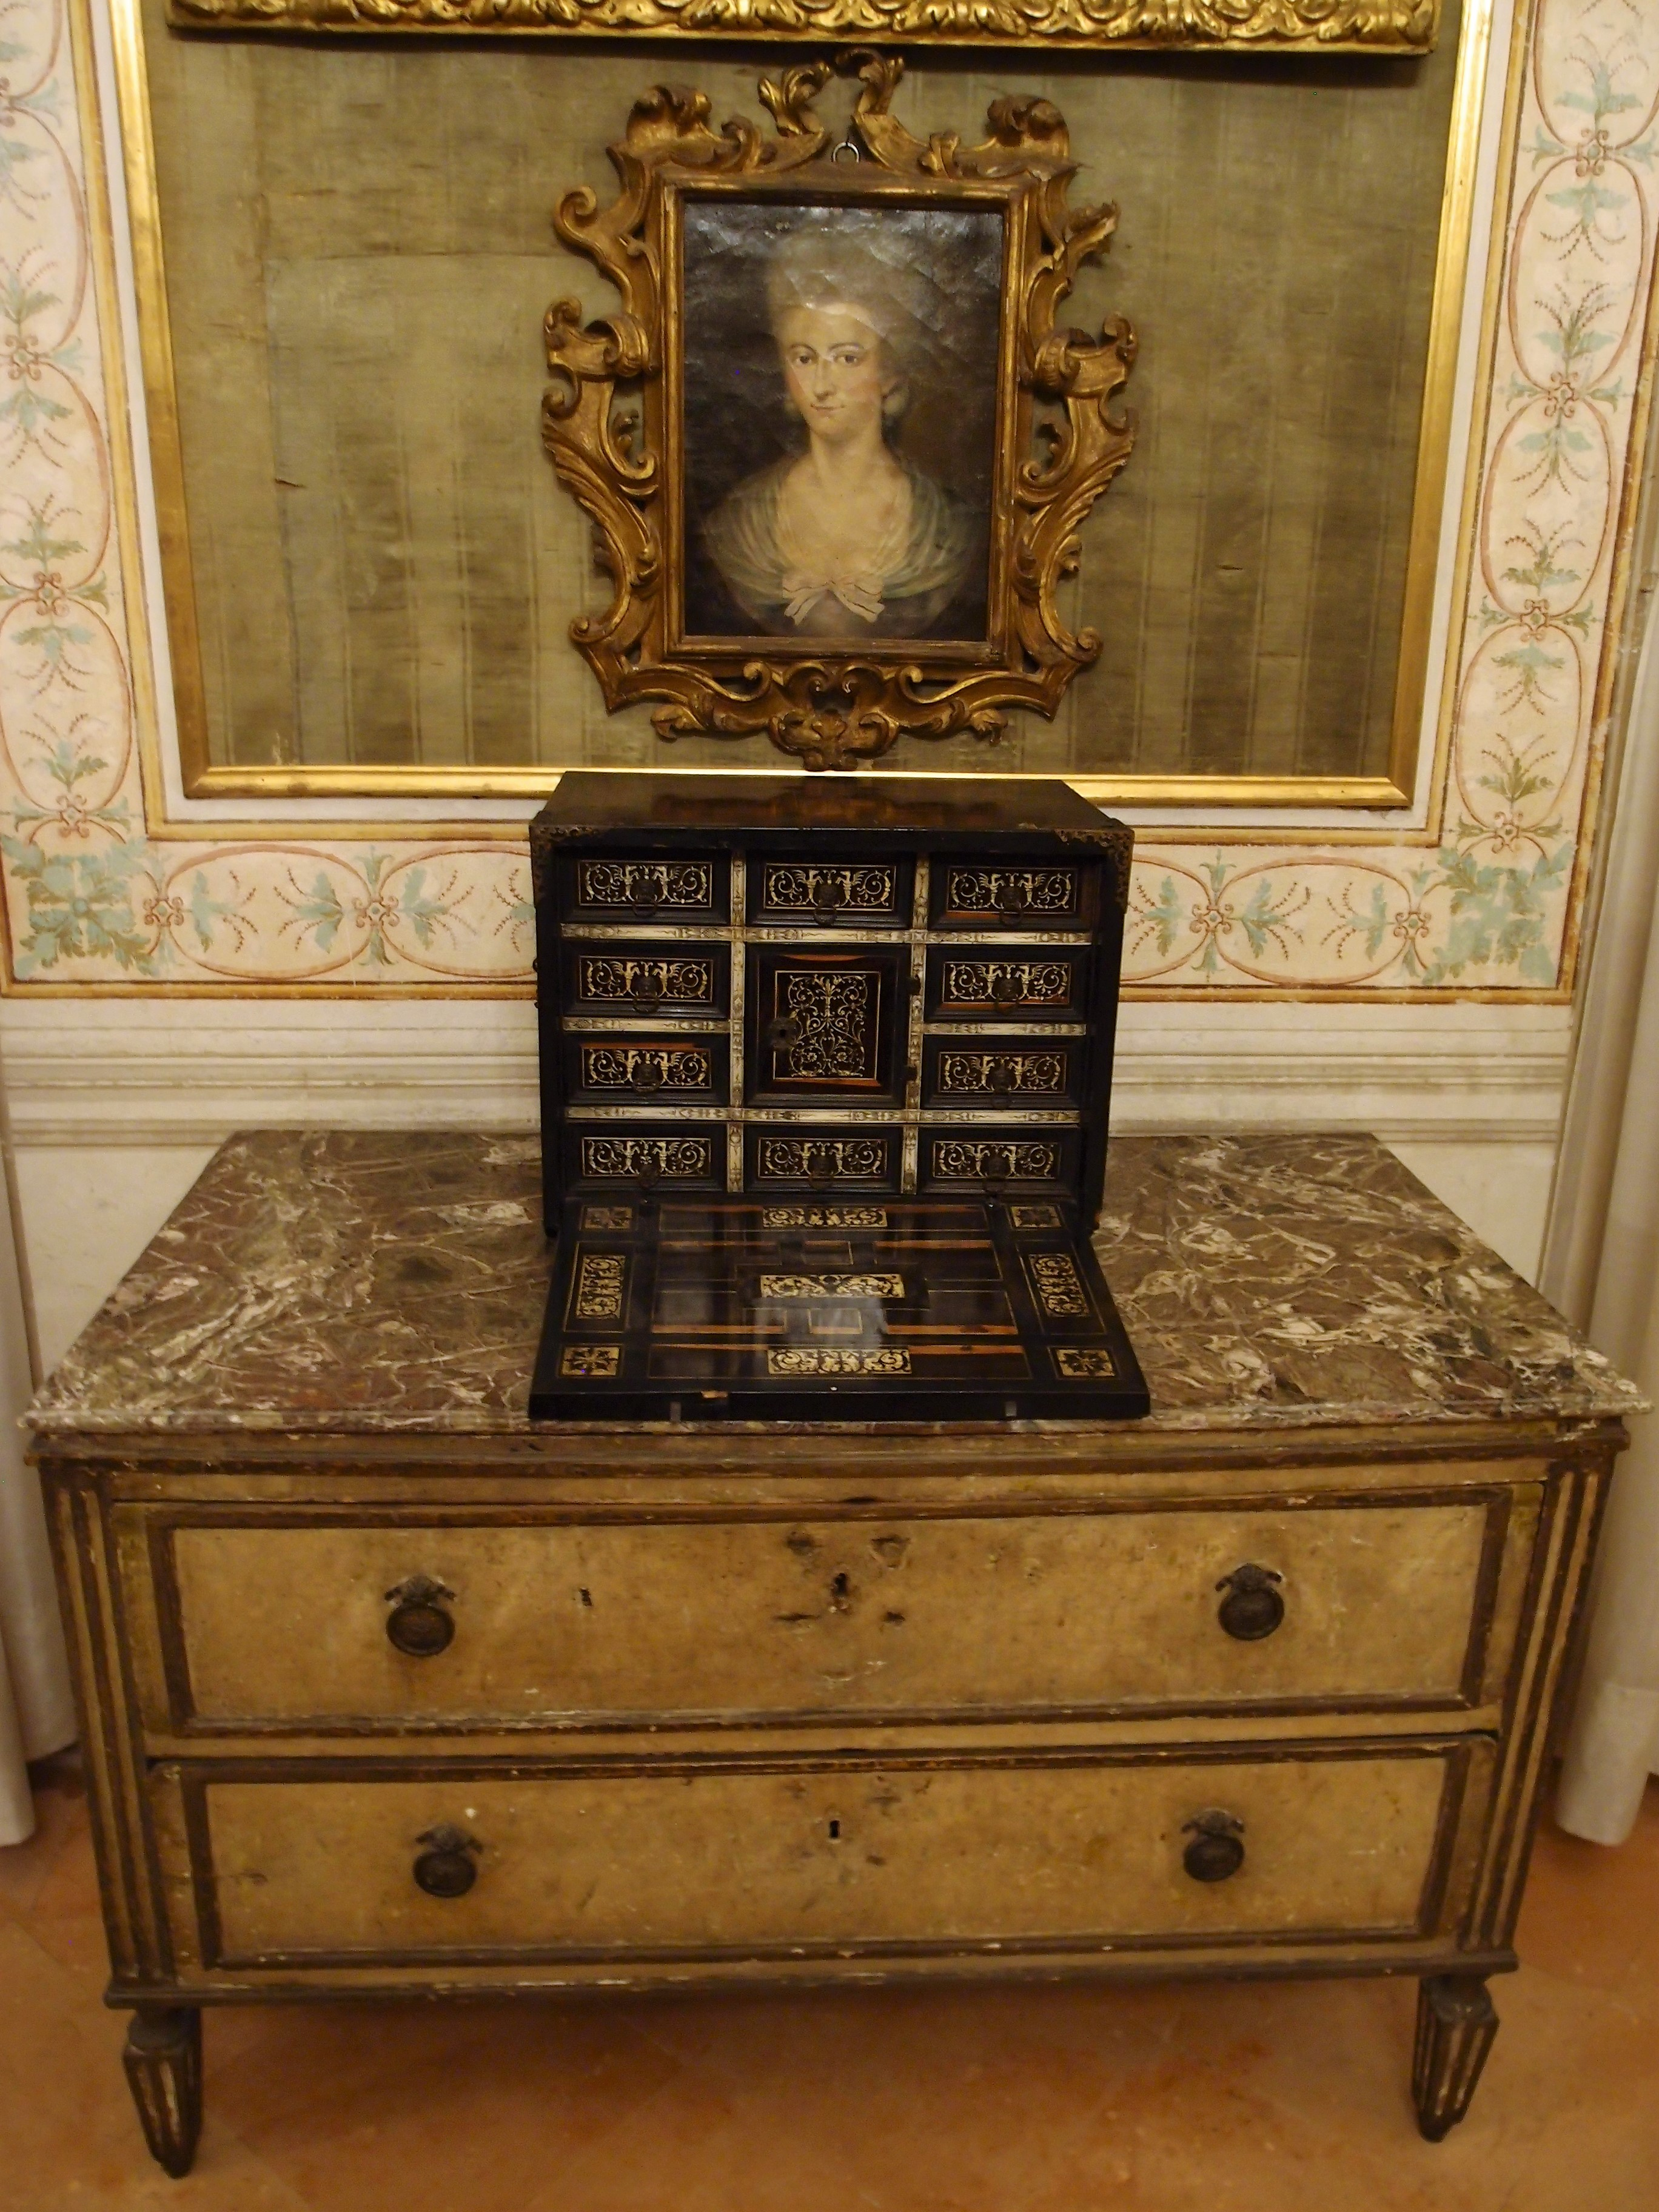 I mobili antichi francesi laccati e patinati cos for Mobili antichi